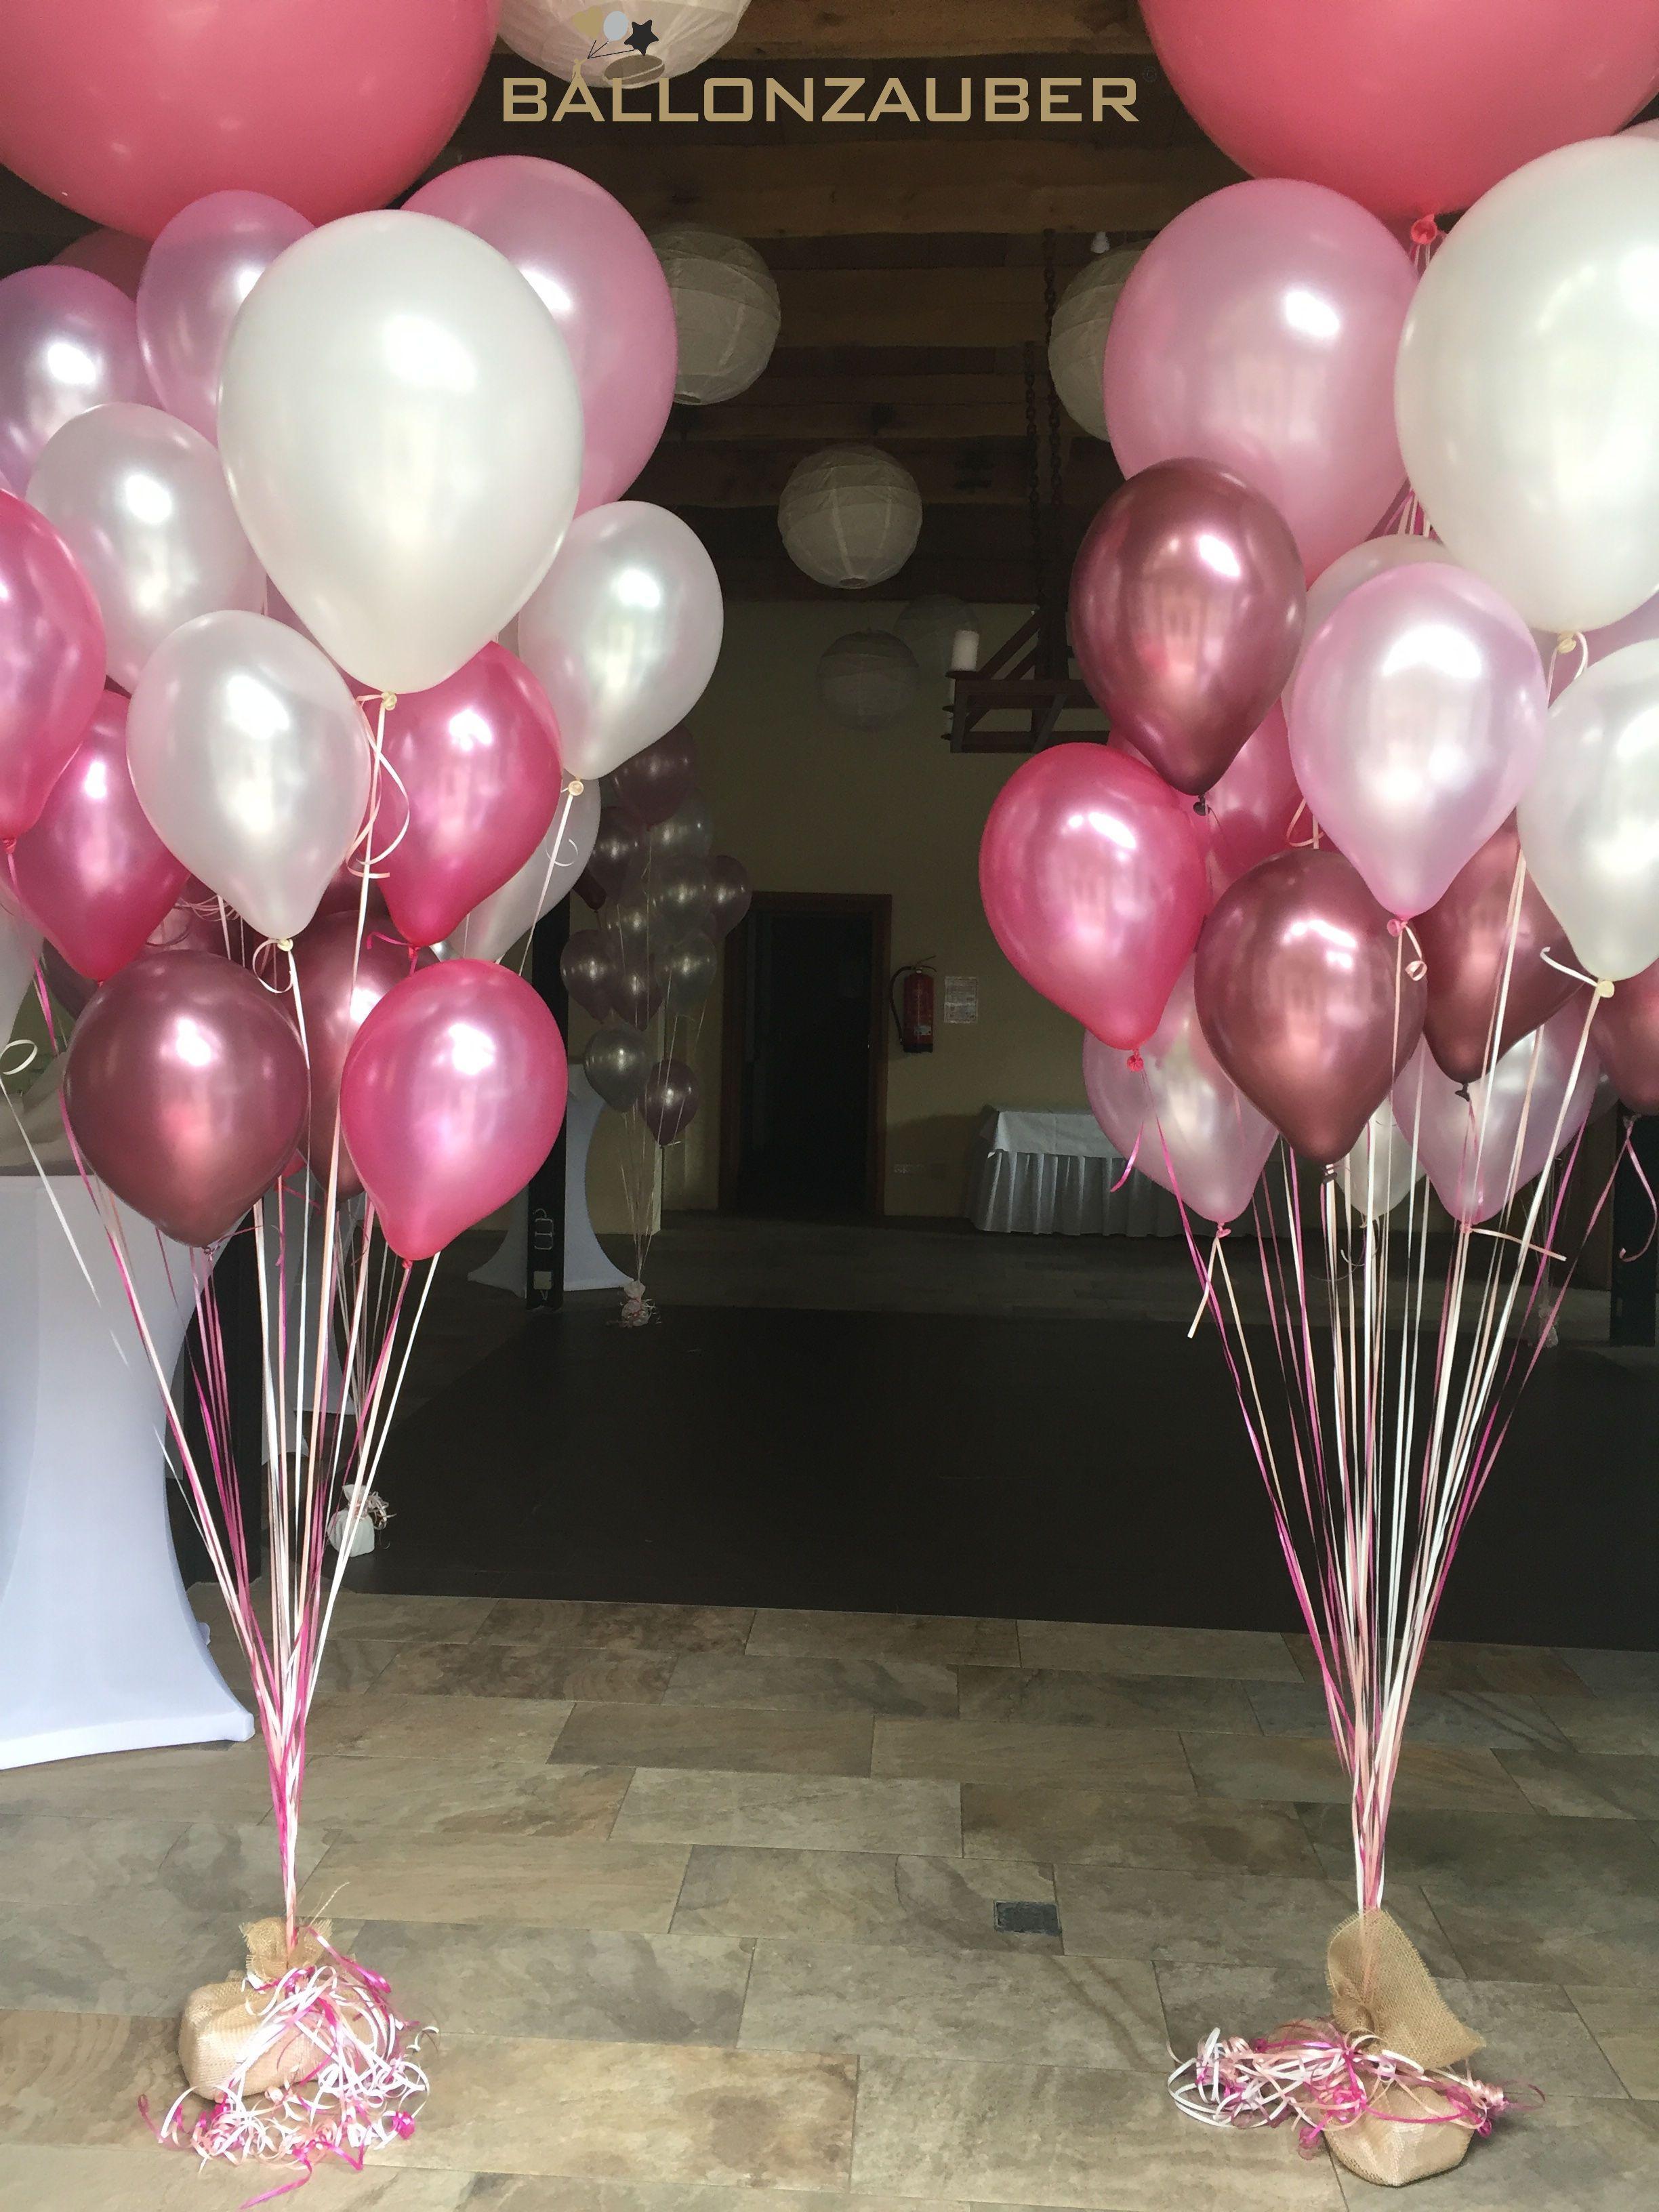 Wunderschone Ballonbouquets Zur Dekoration Der Hochzeitslocation Farblich Abgestimmt Hier Luftballons Hochzeit Ballondekorationen Helium Luftballons Hochzeit